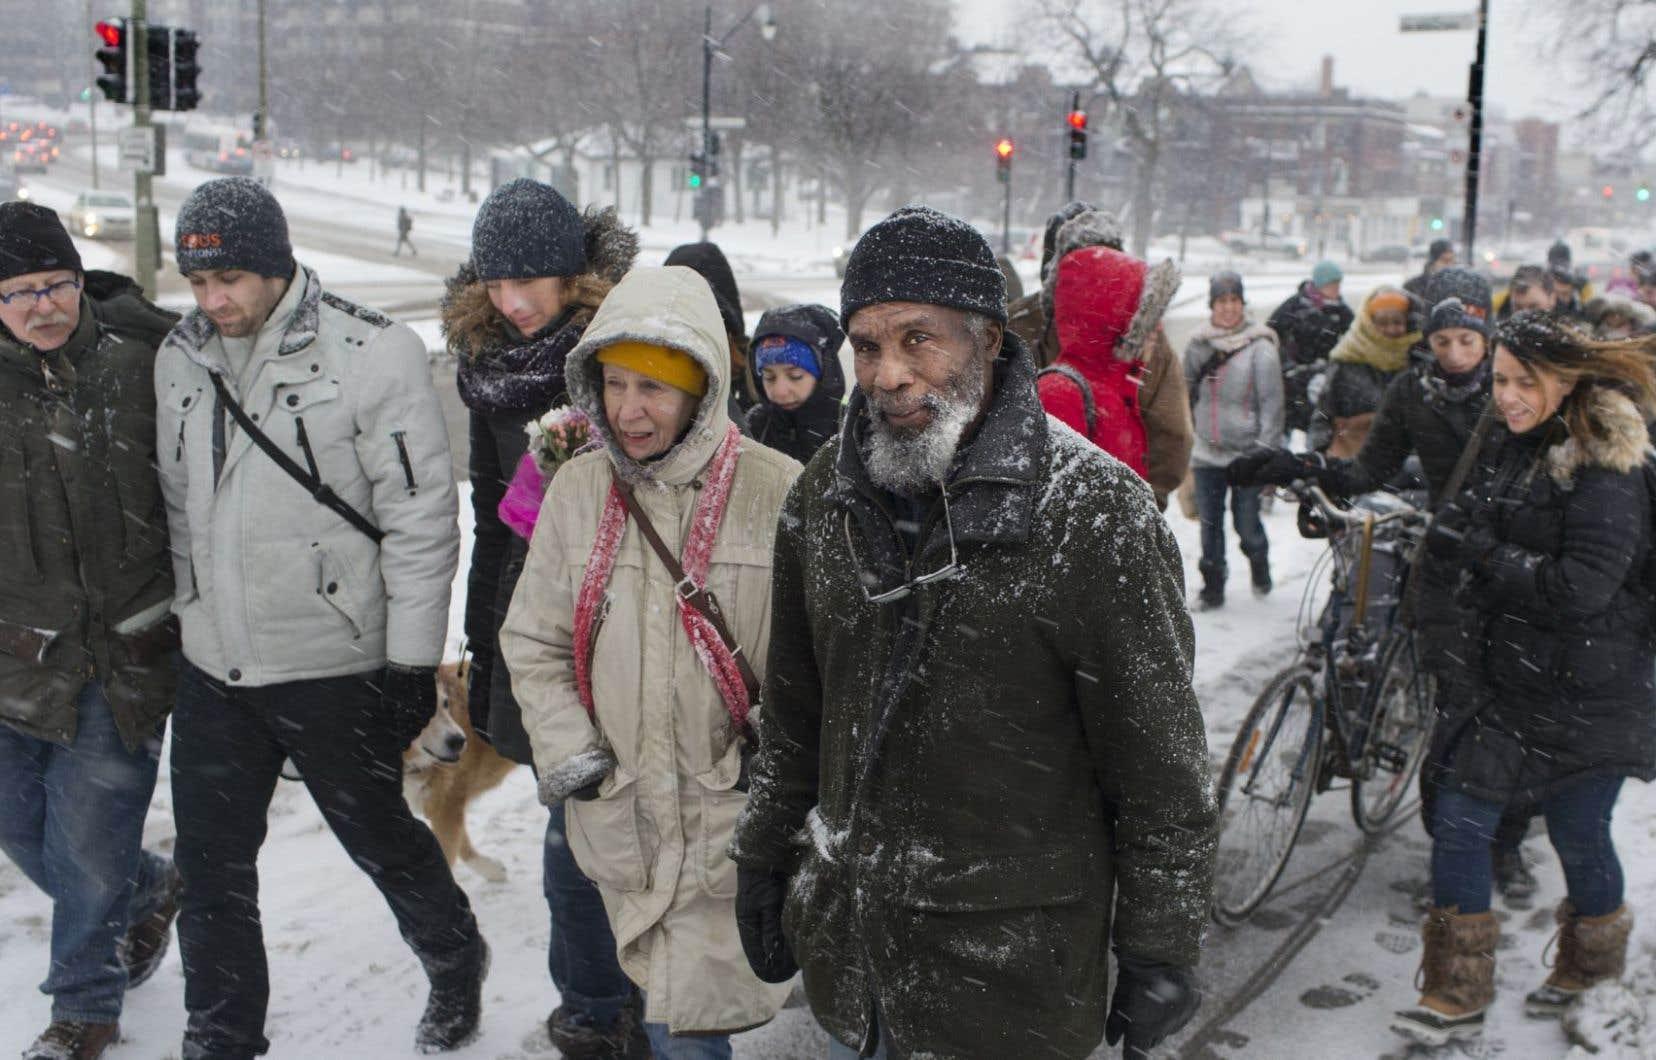 L'avenue du Parc à Montréal est problématique pour les piétons. Sur la photo, des marcheurs reviennent d'une vigile en mémoire de Concepción Cortacans, morte après avoir été heurtée par un véhicule.